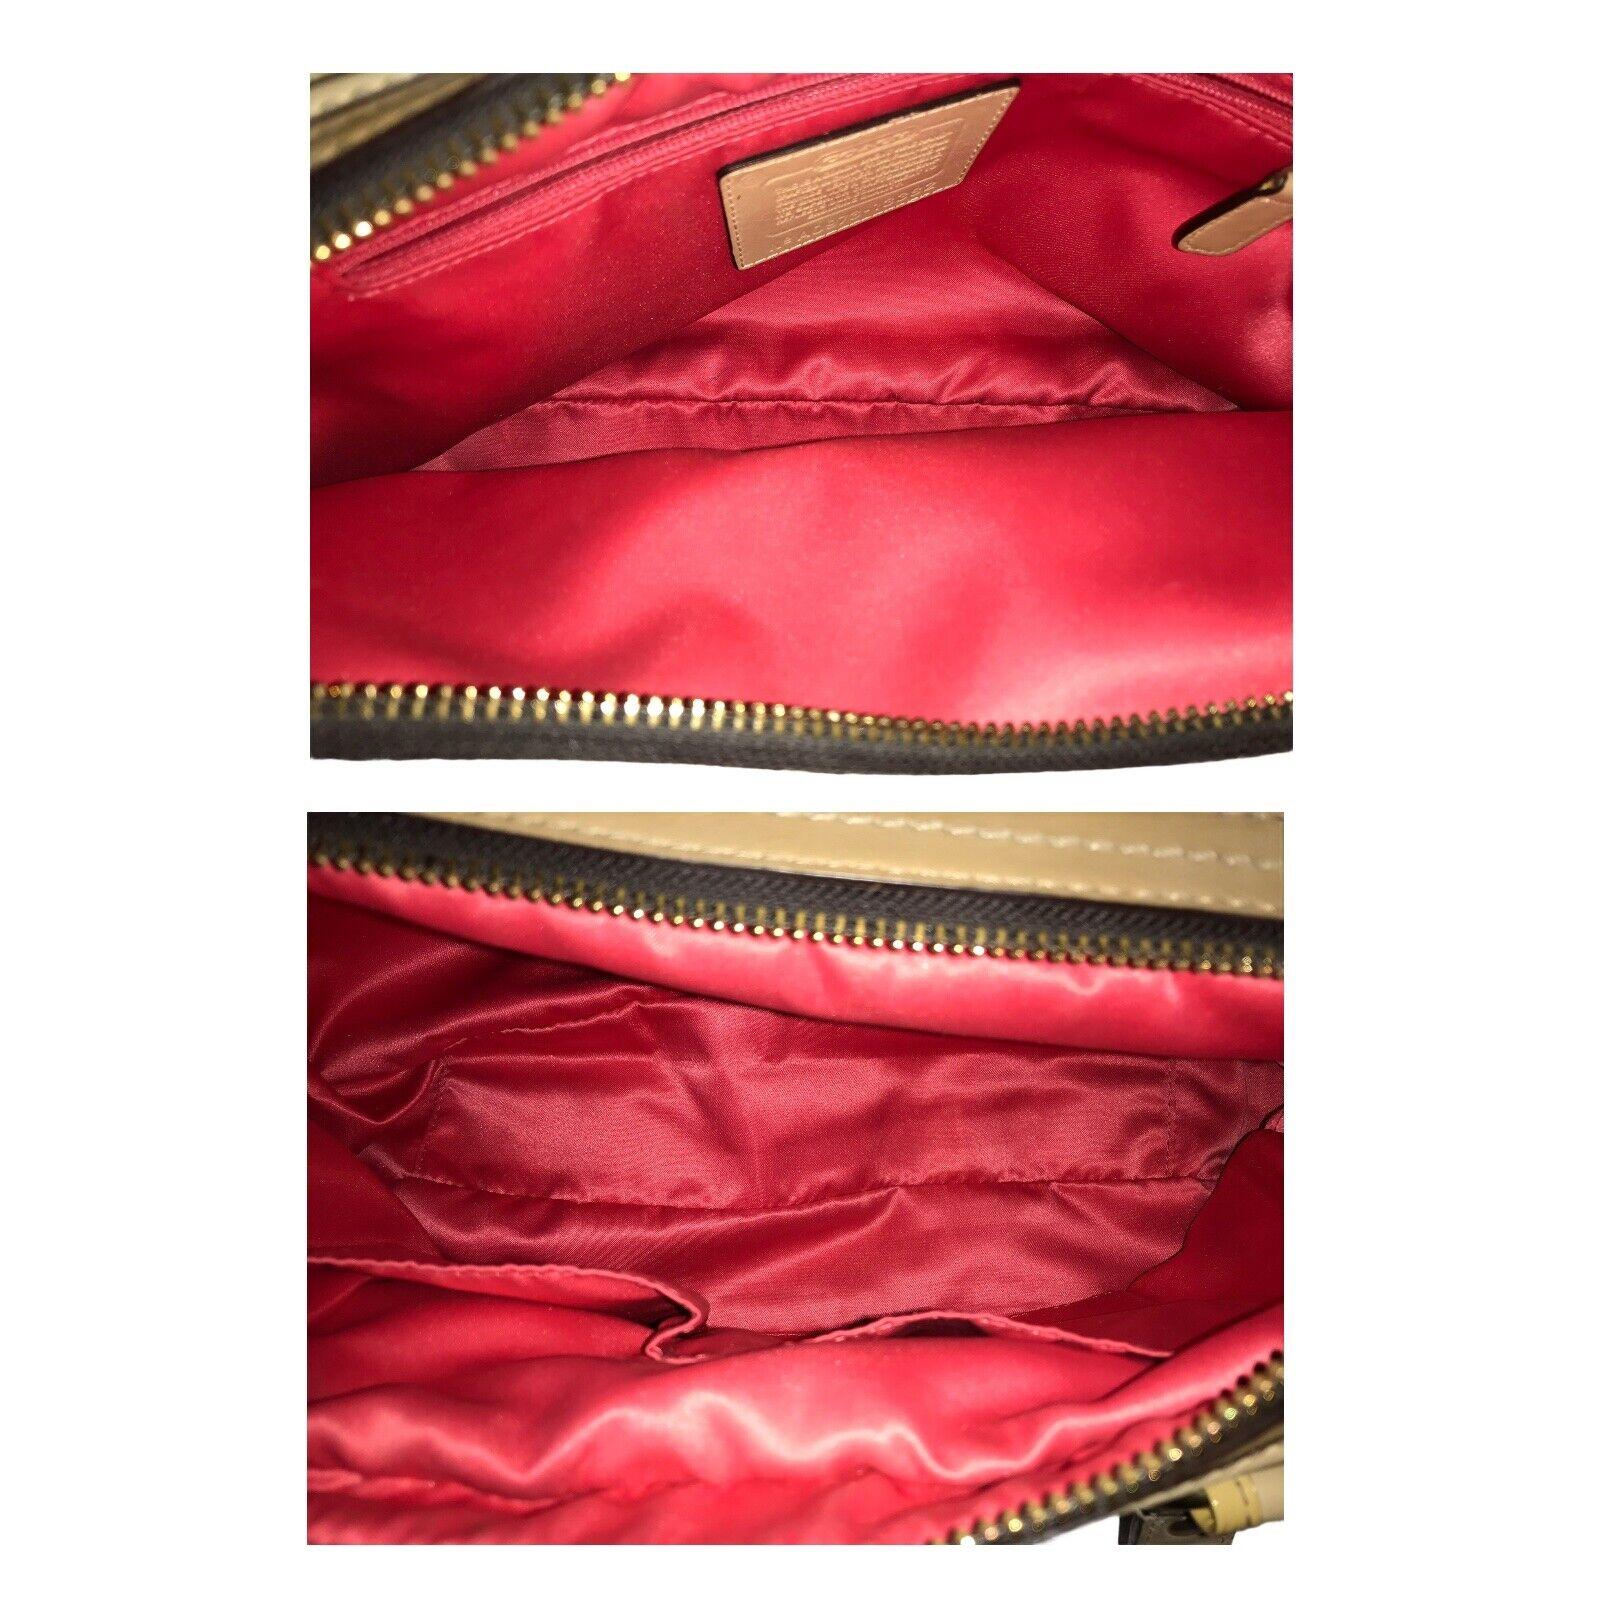 Vintage Bonnie Satchel Bag by COACH - image 7